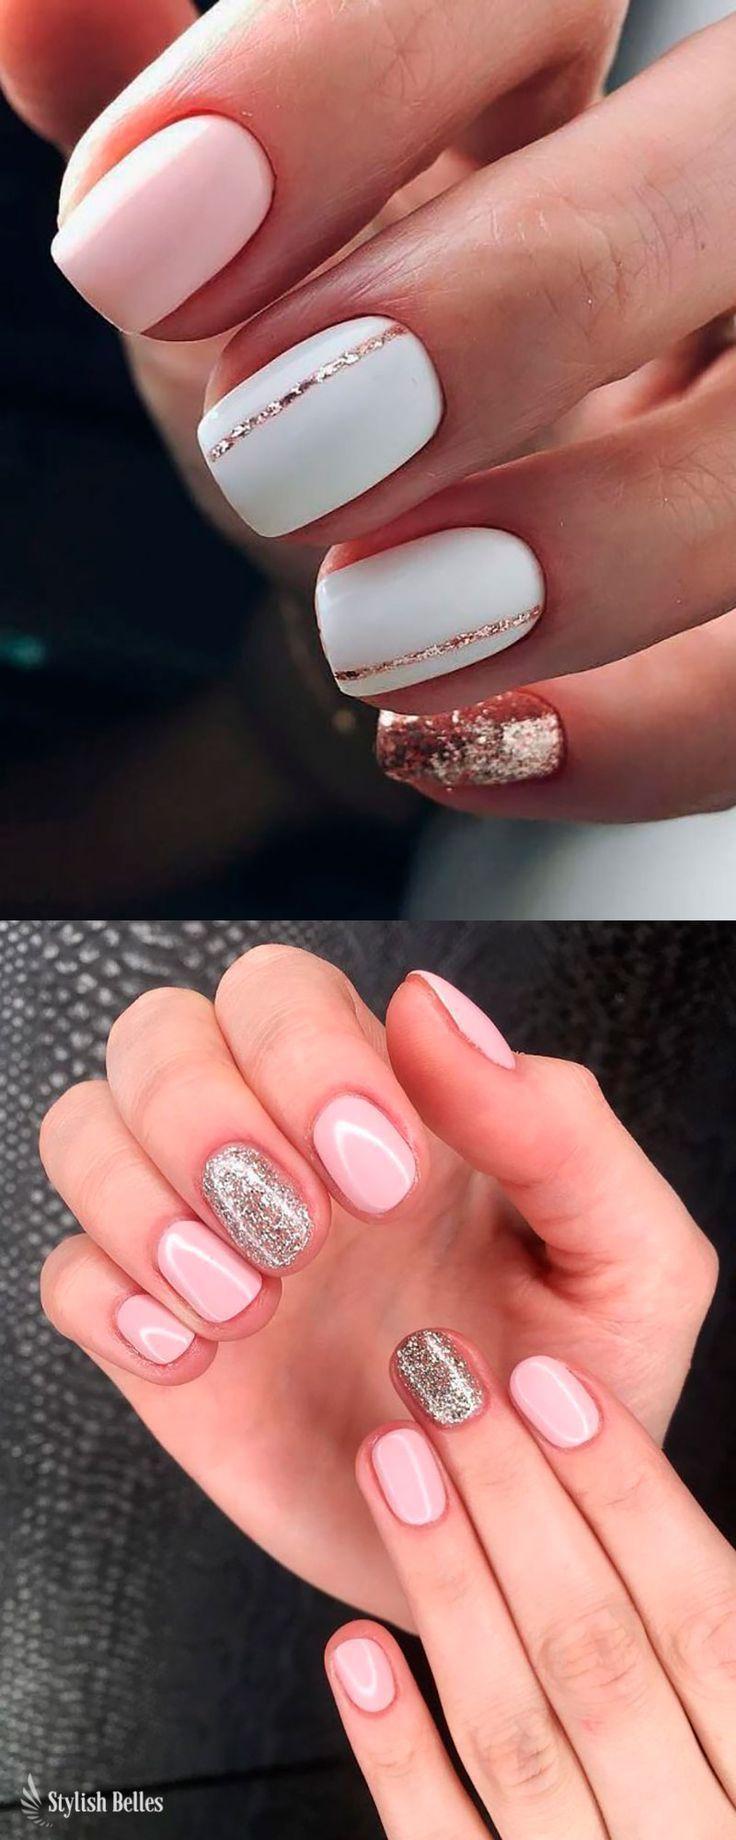 So Niedlich Kurze Acrylnagel Ideen Sie Werden Sie Lieben Acrylnagel Ideen Kurze Lieb In 2020 Pink Acrylic Nails Light Pink Acrylic Nails Light Pink Nails